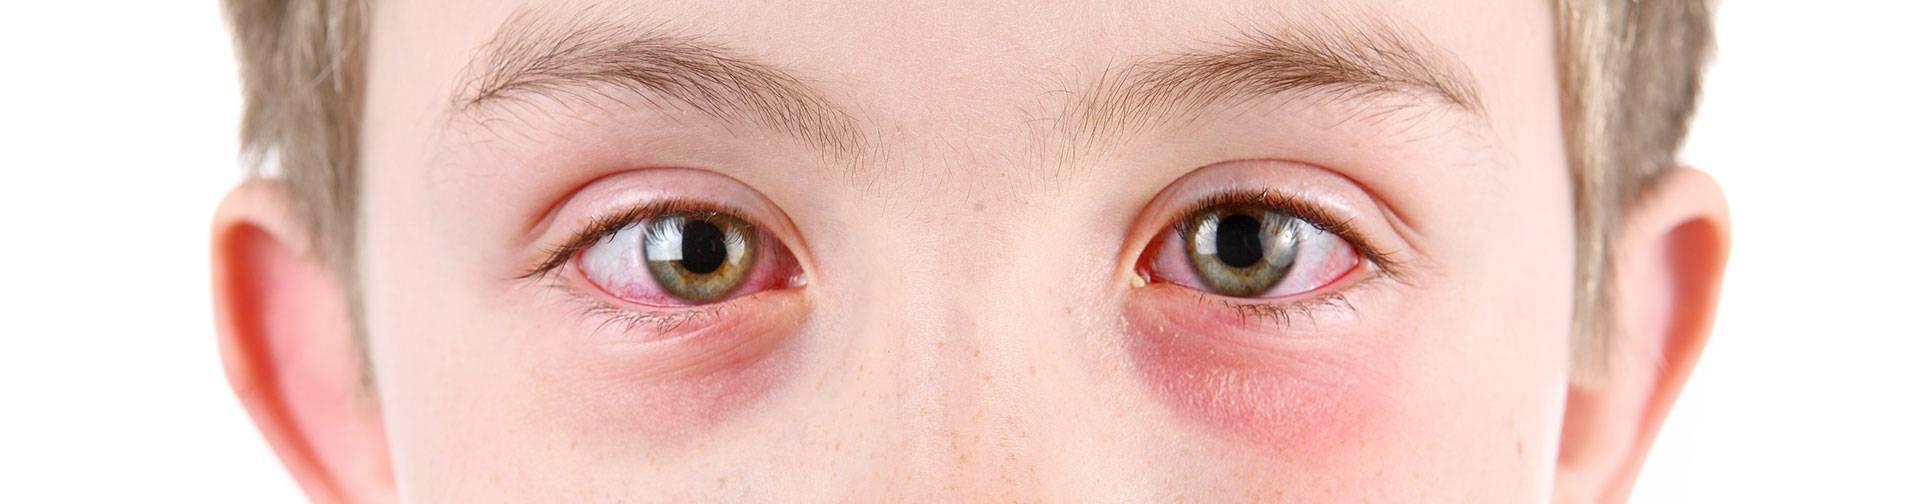 Аллергический конъюнктивит у детей: лечение, симптомы и причины